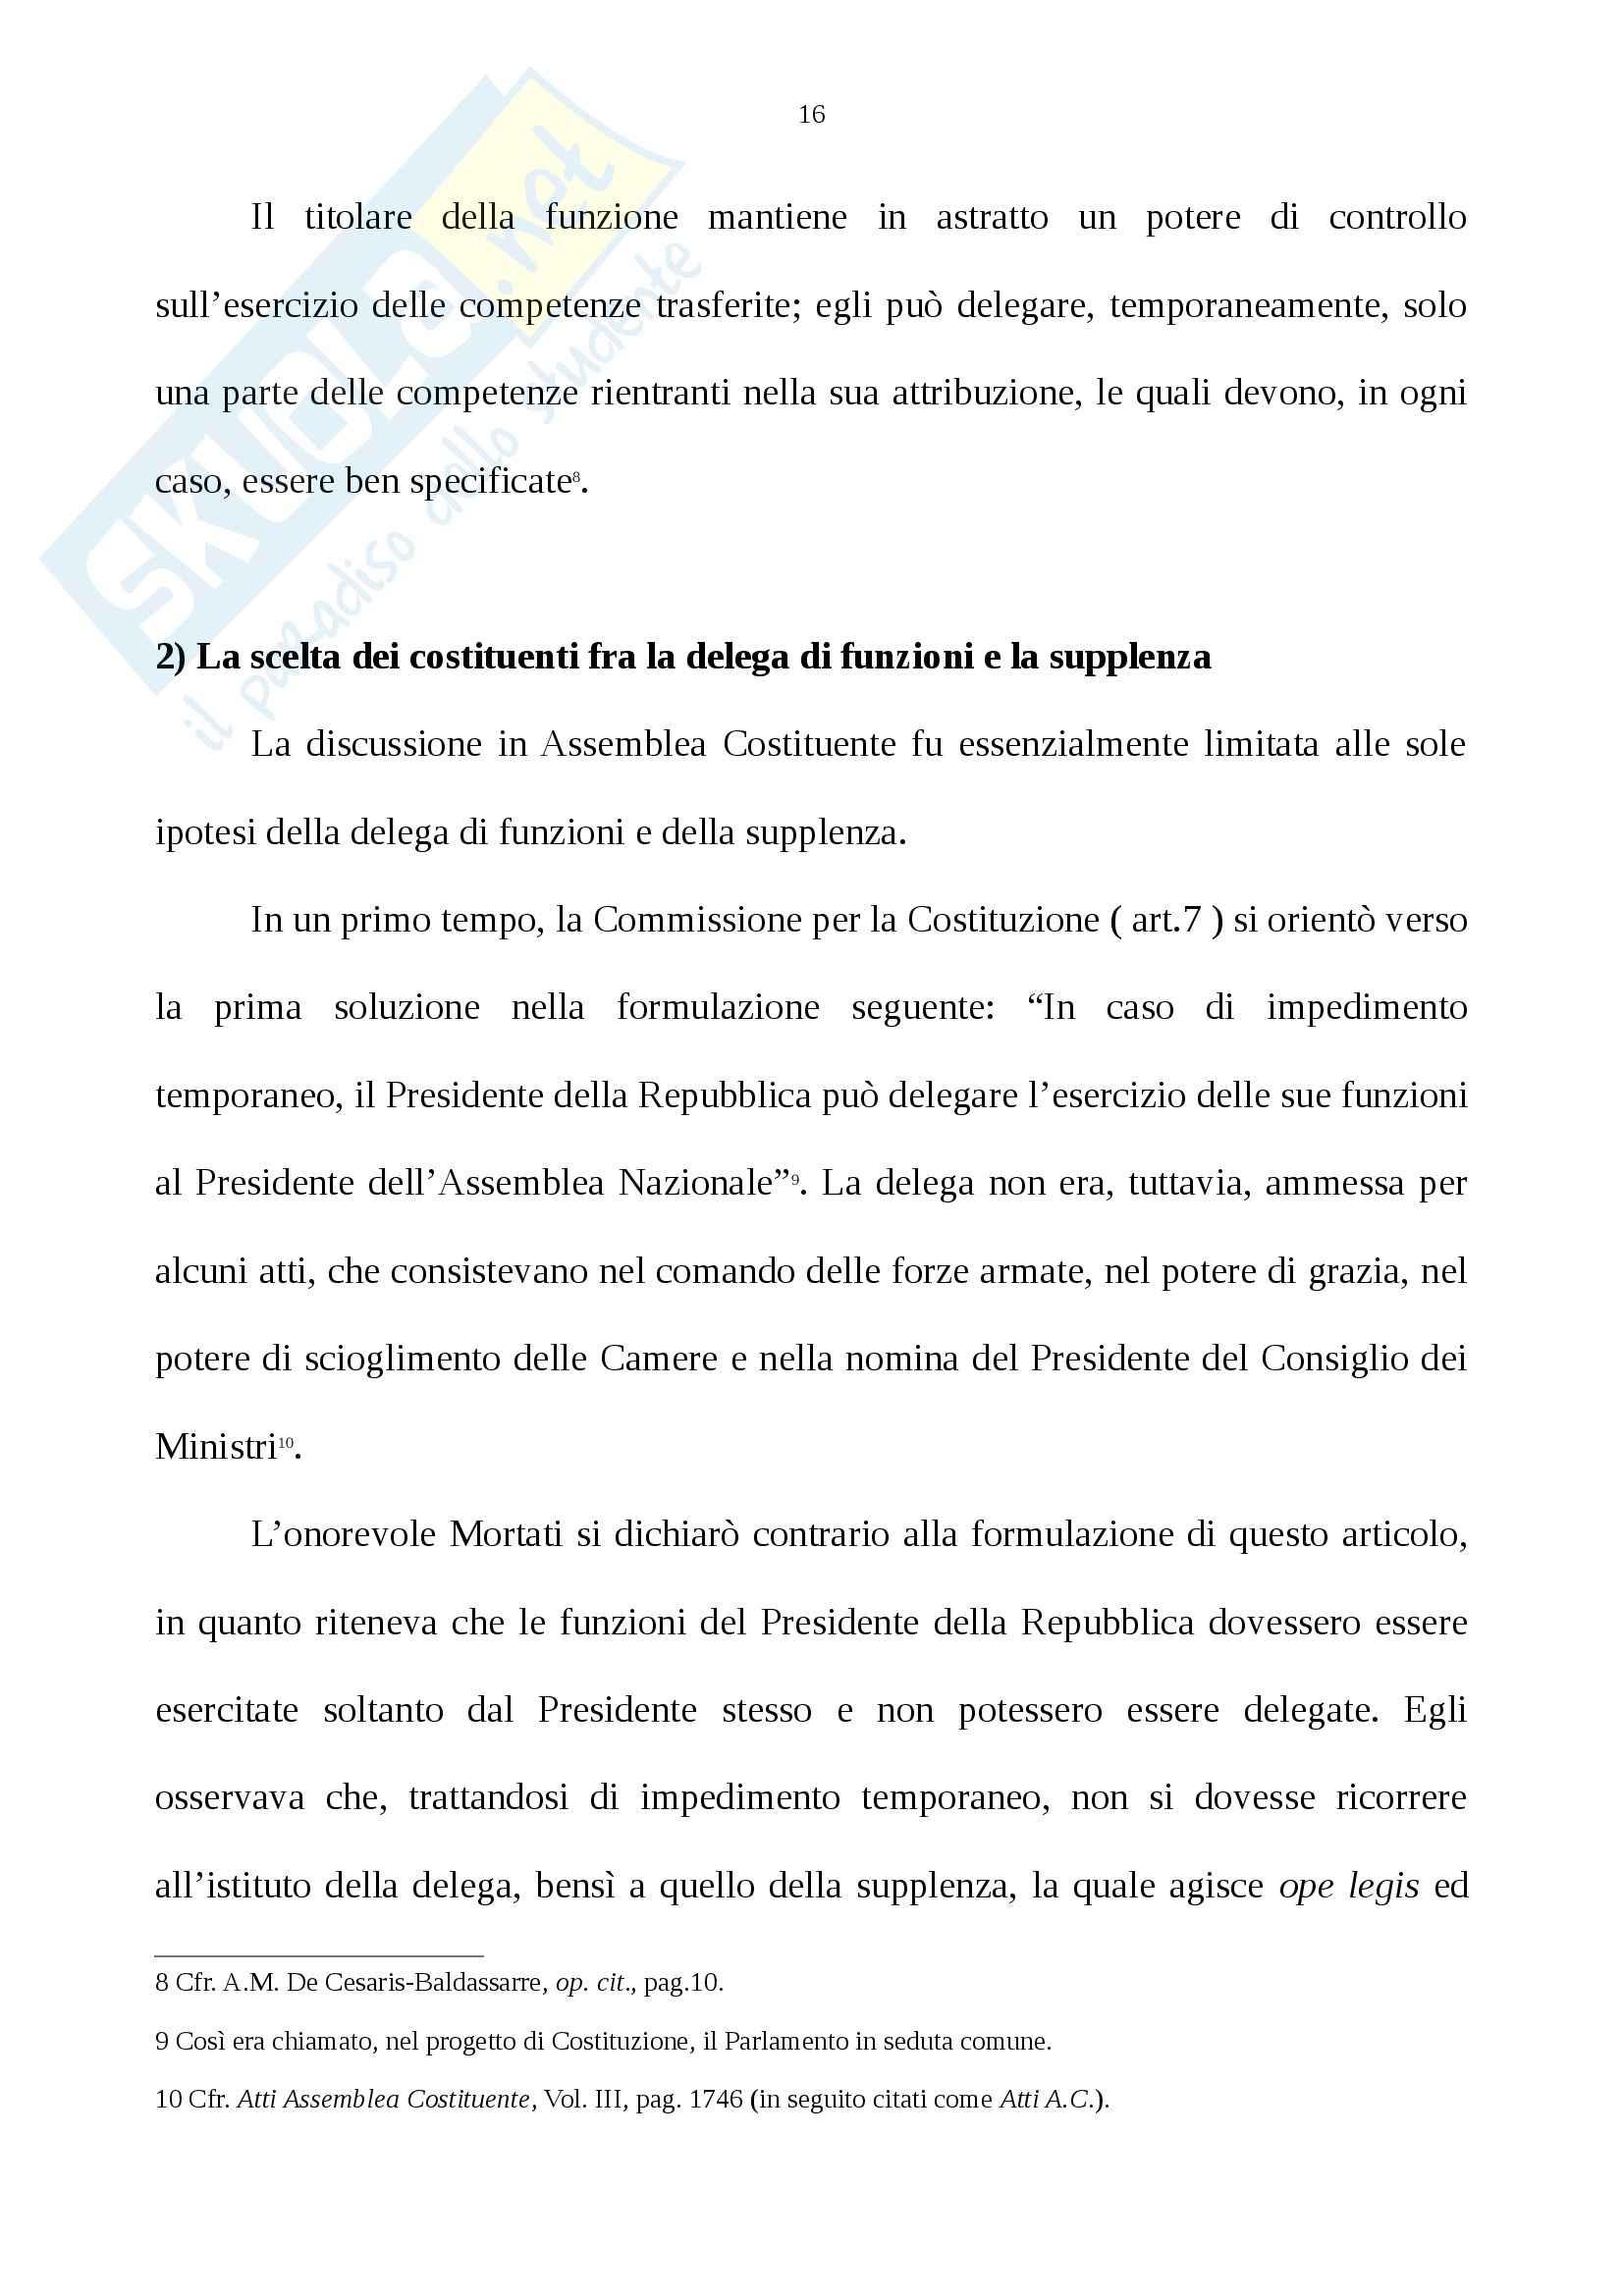 Tesi, La supplenza del Presidente della Repubblica Nell'ordinamento costituzionale italiano Pag. 16